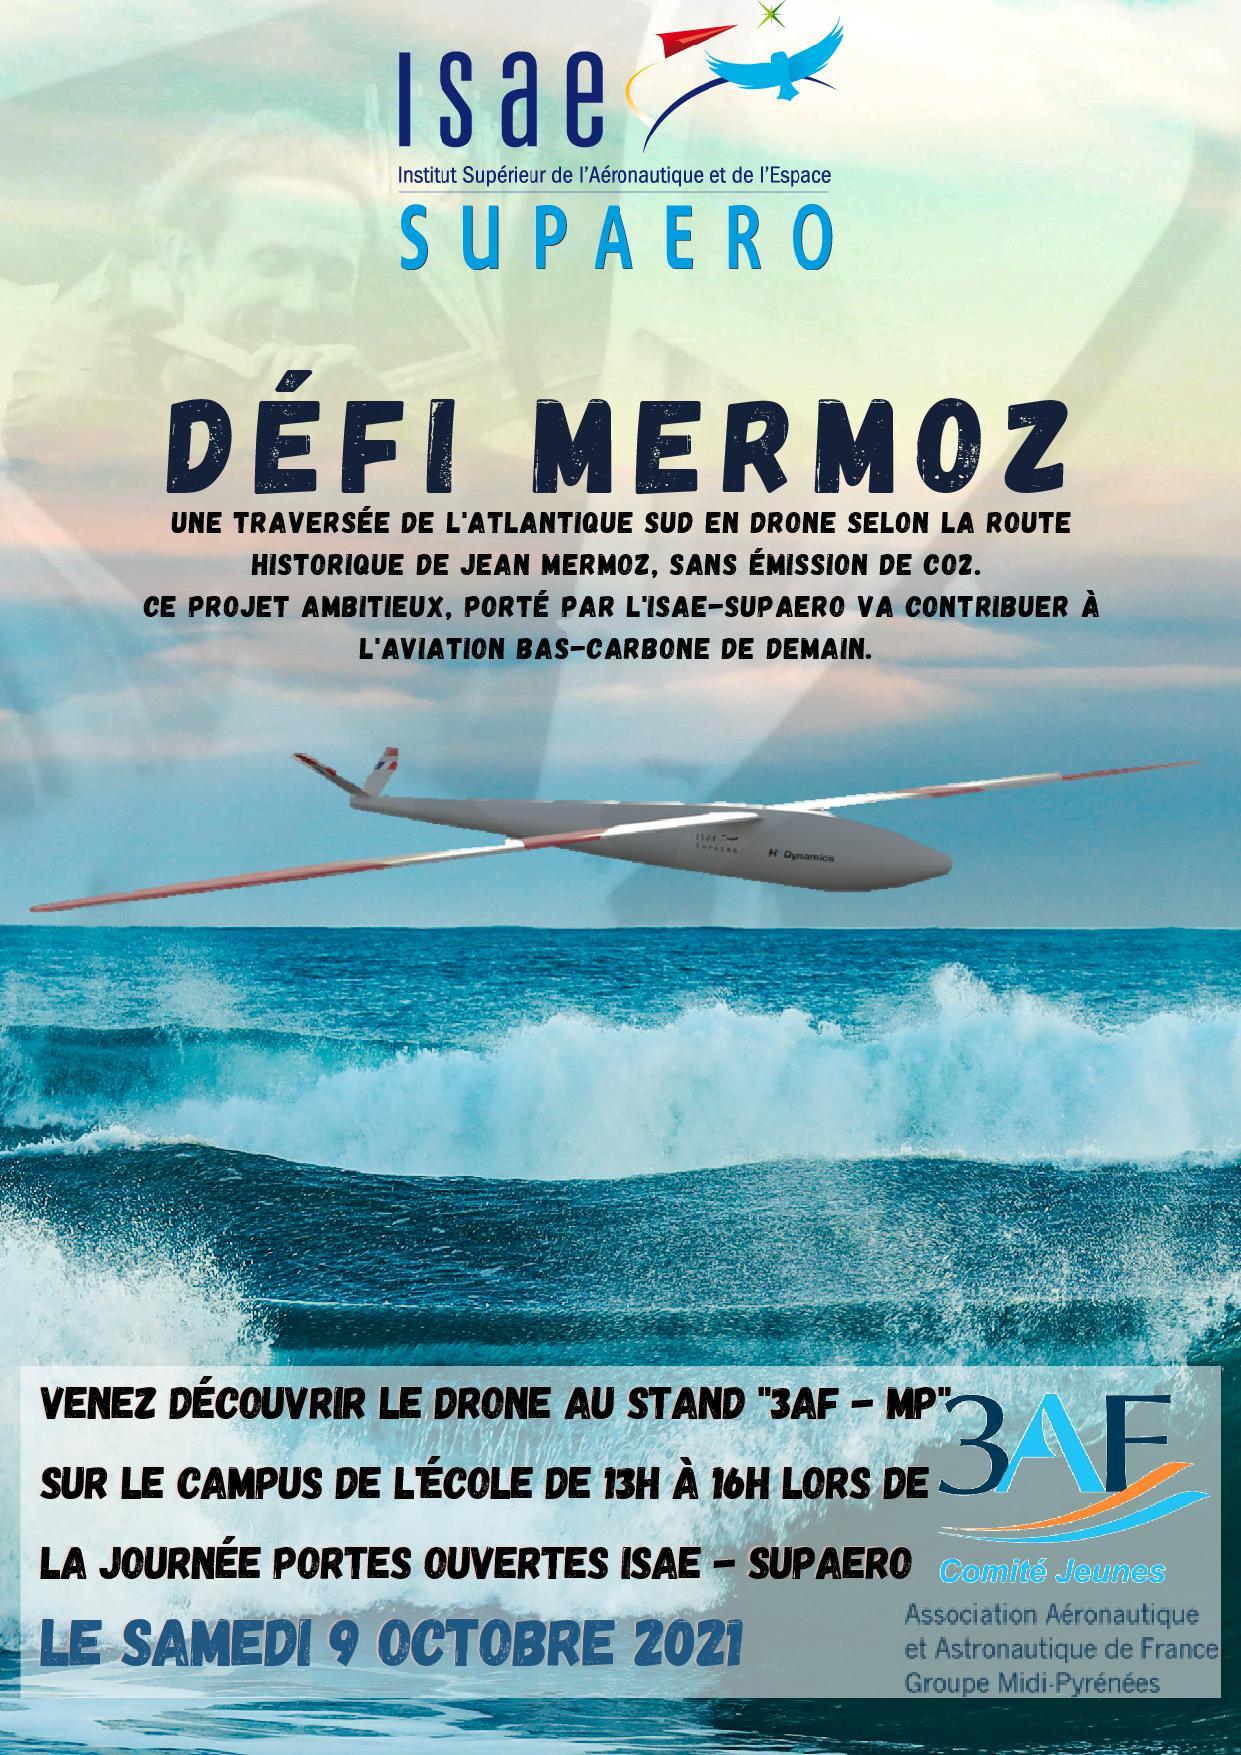 D é f i  M E R M O Z : Une traversée de l'atlantique Sud en drone selon la route historique de jean mermoz, sans émission de co2.